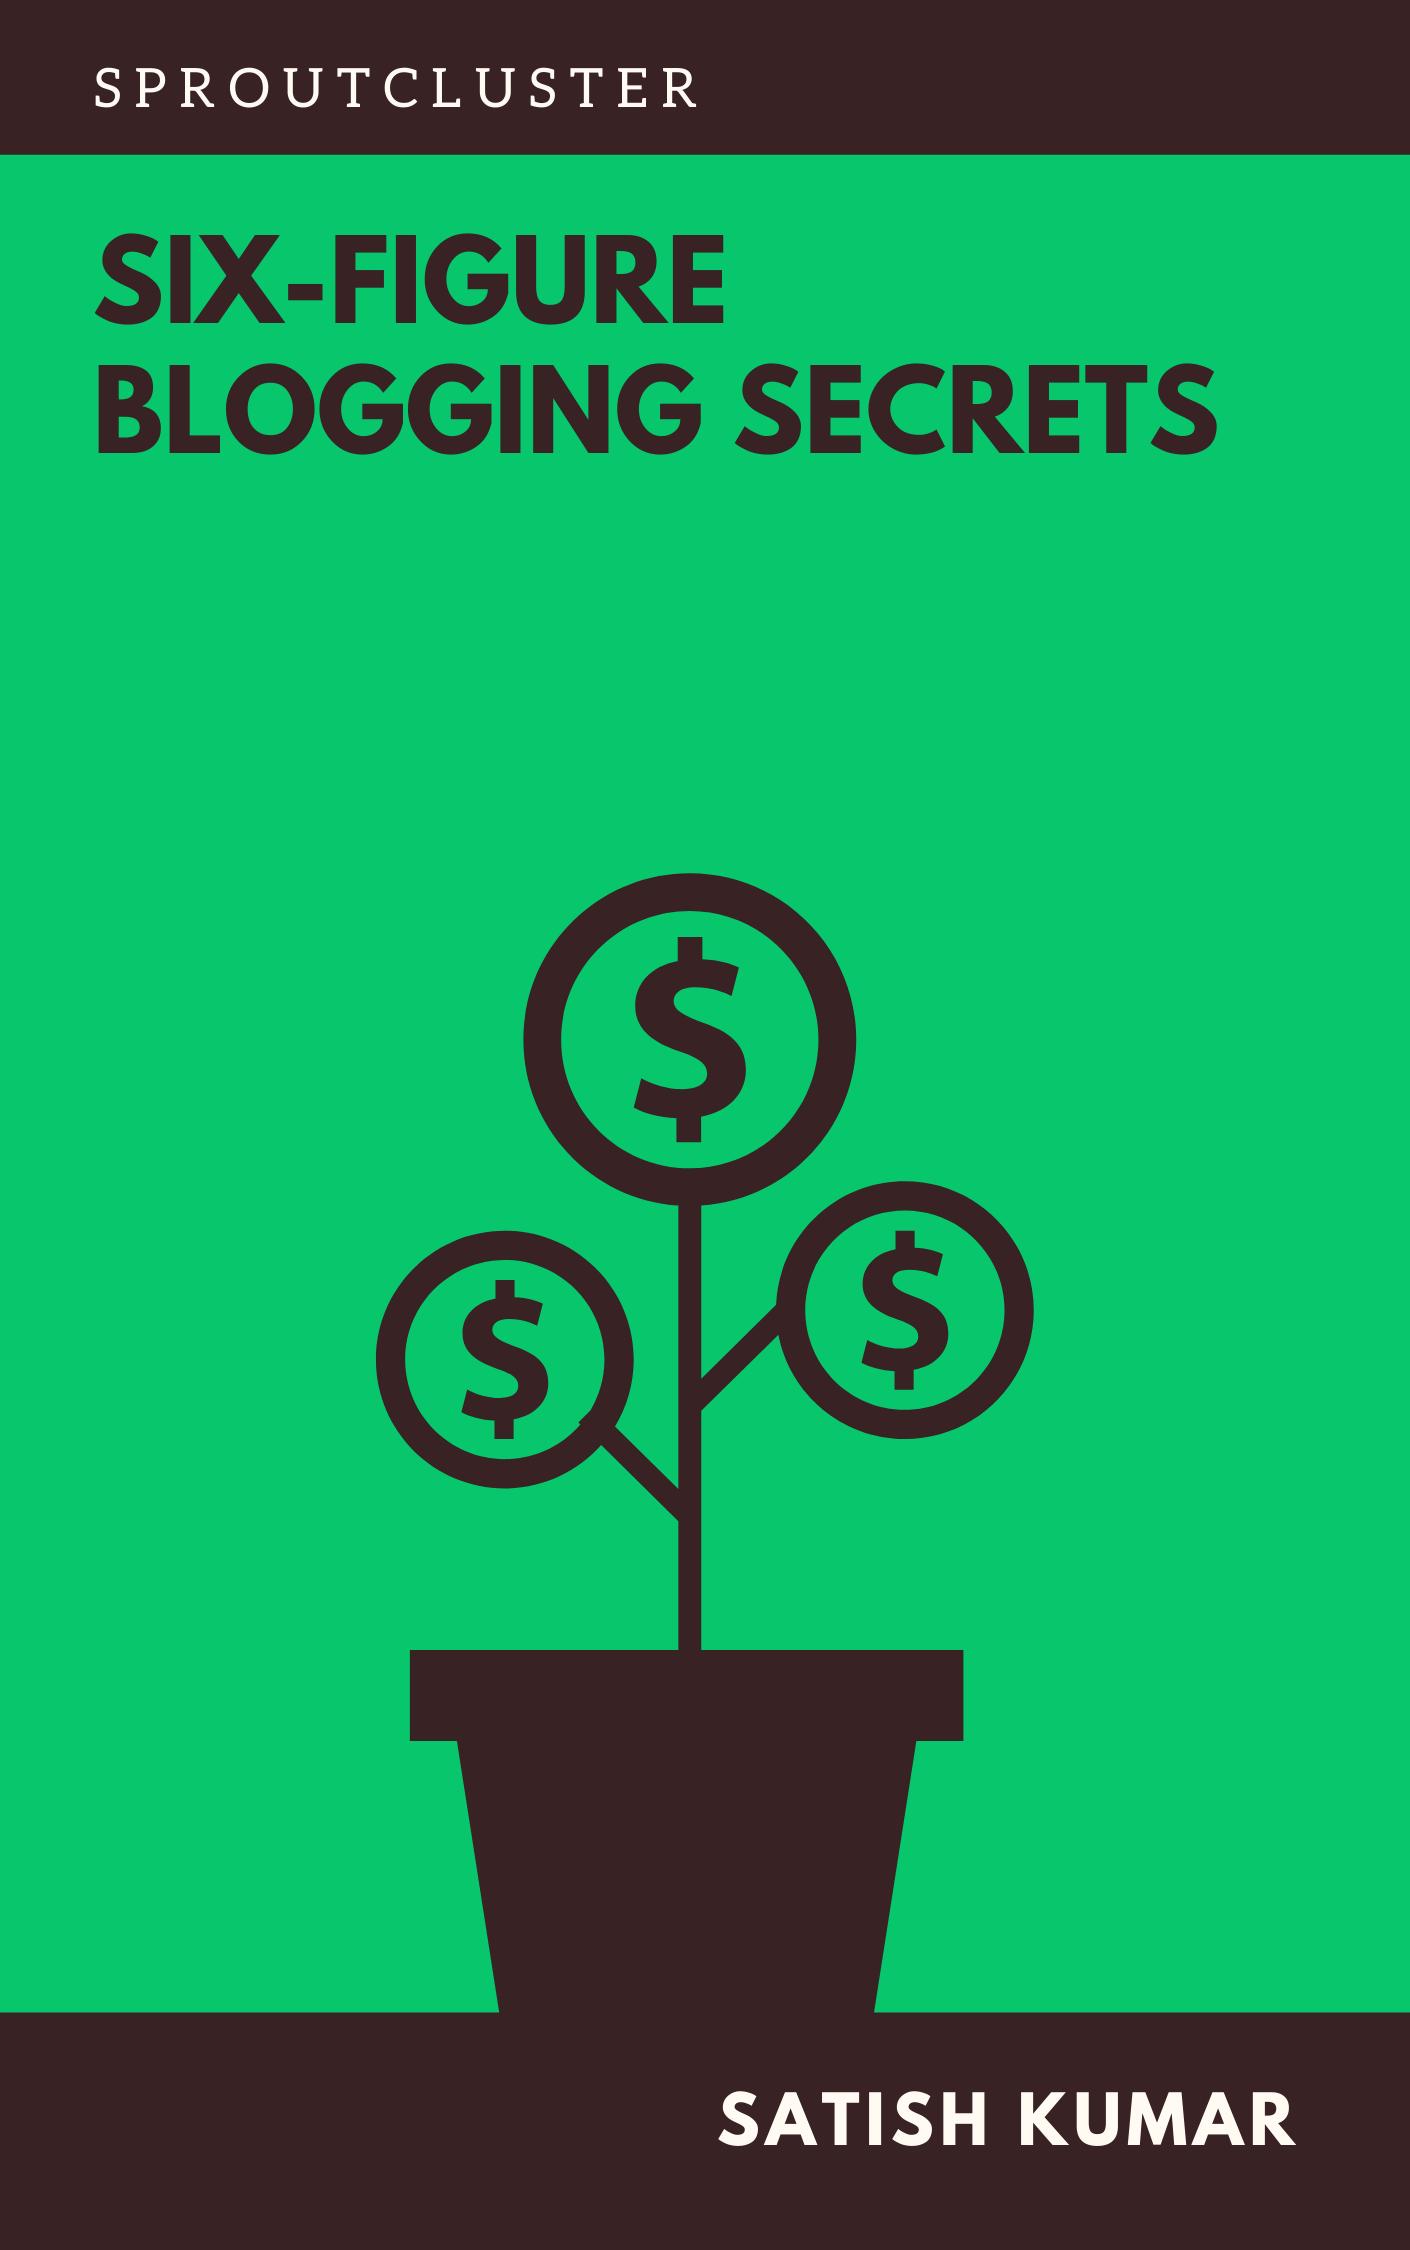 6 Figure Blogging Secrets E-book